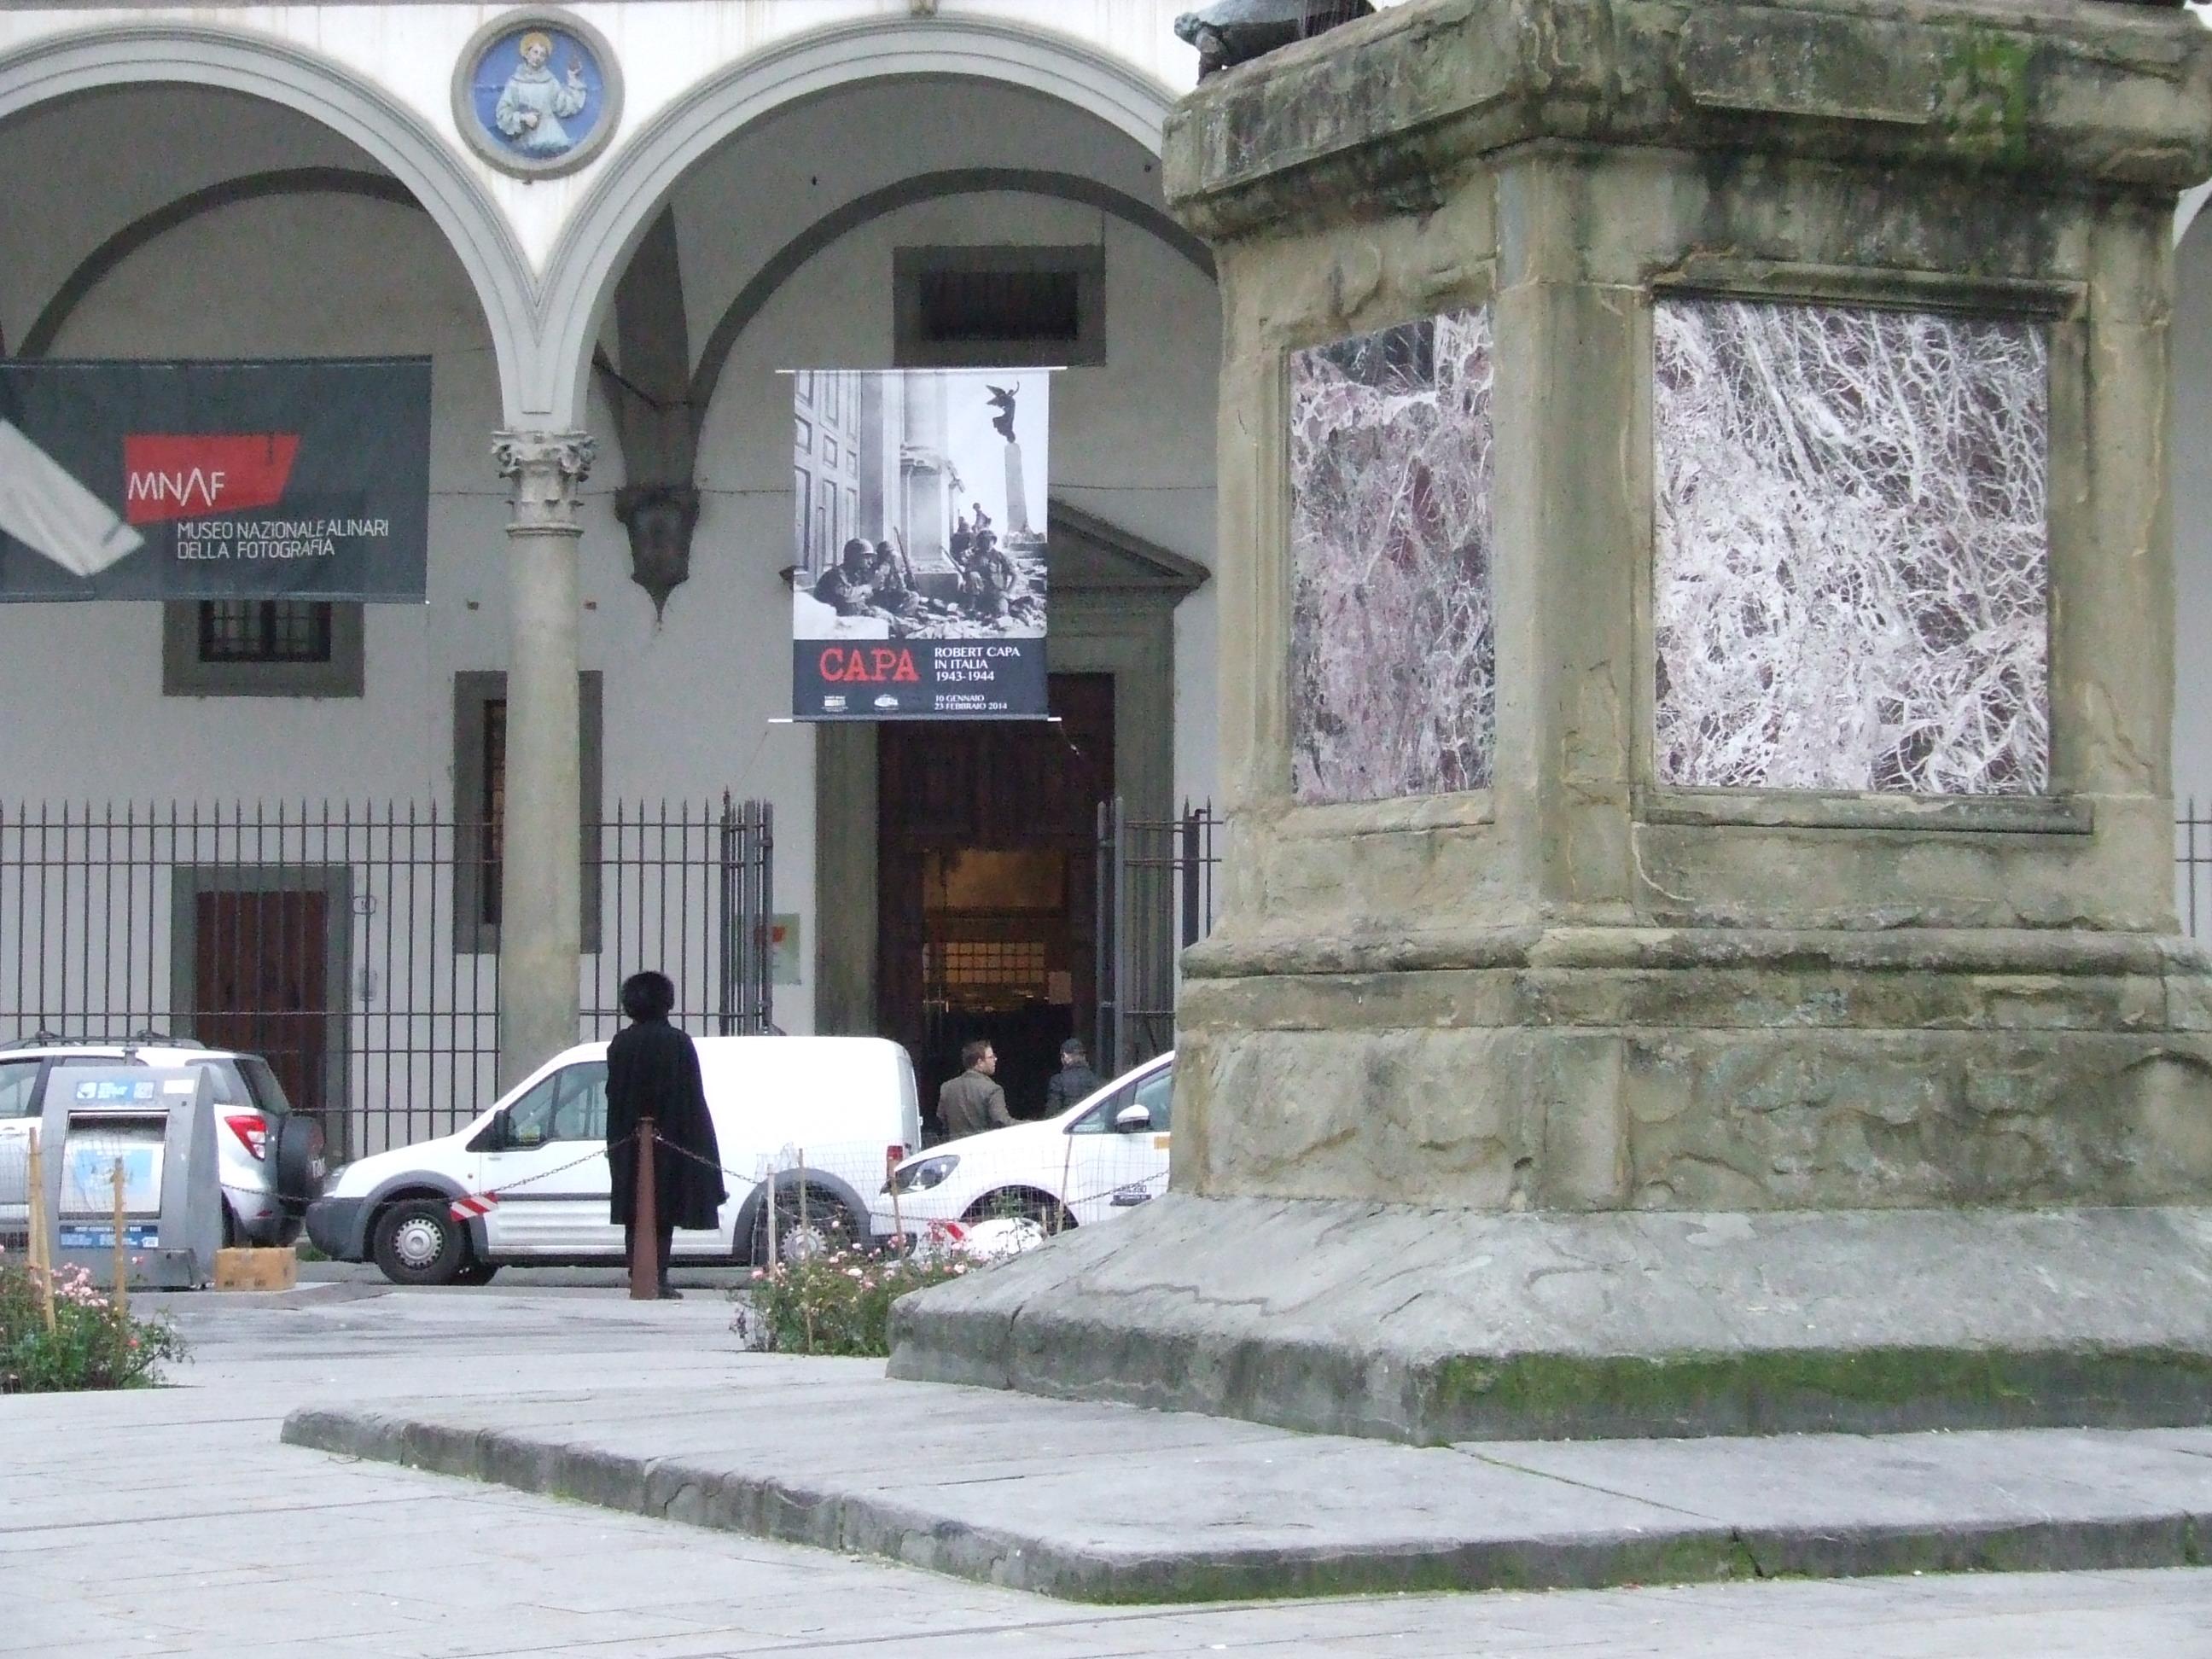 Capa Firenze.jpg